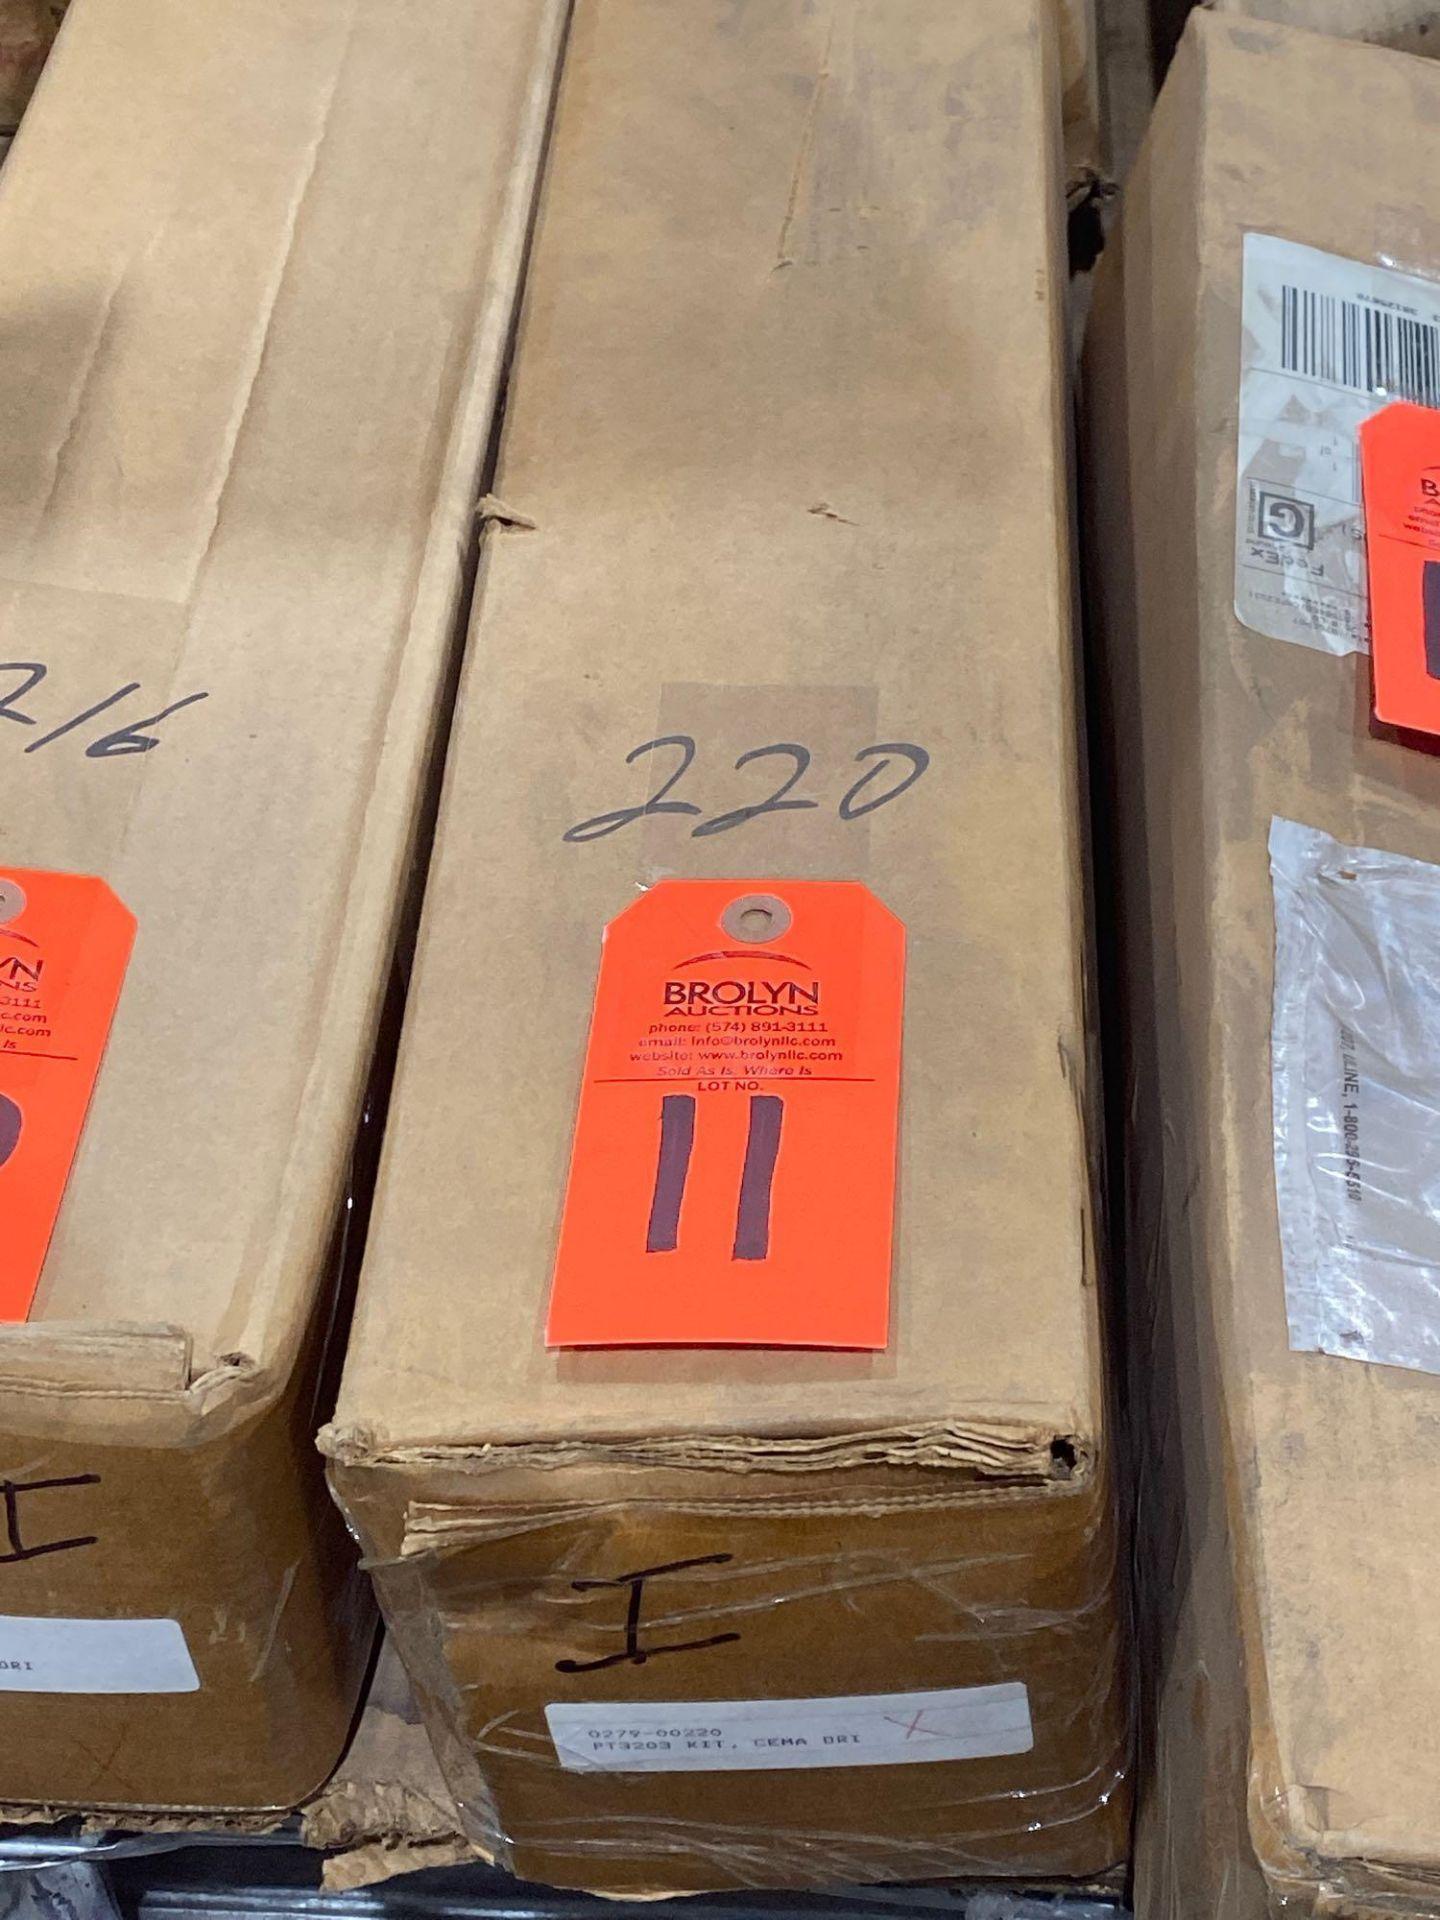 Lot 11 - Hub City model 0279-00220 kit. New in box.